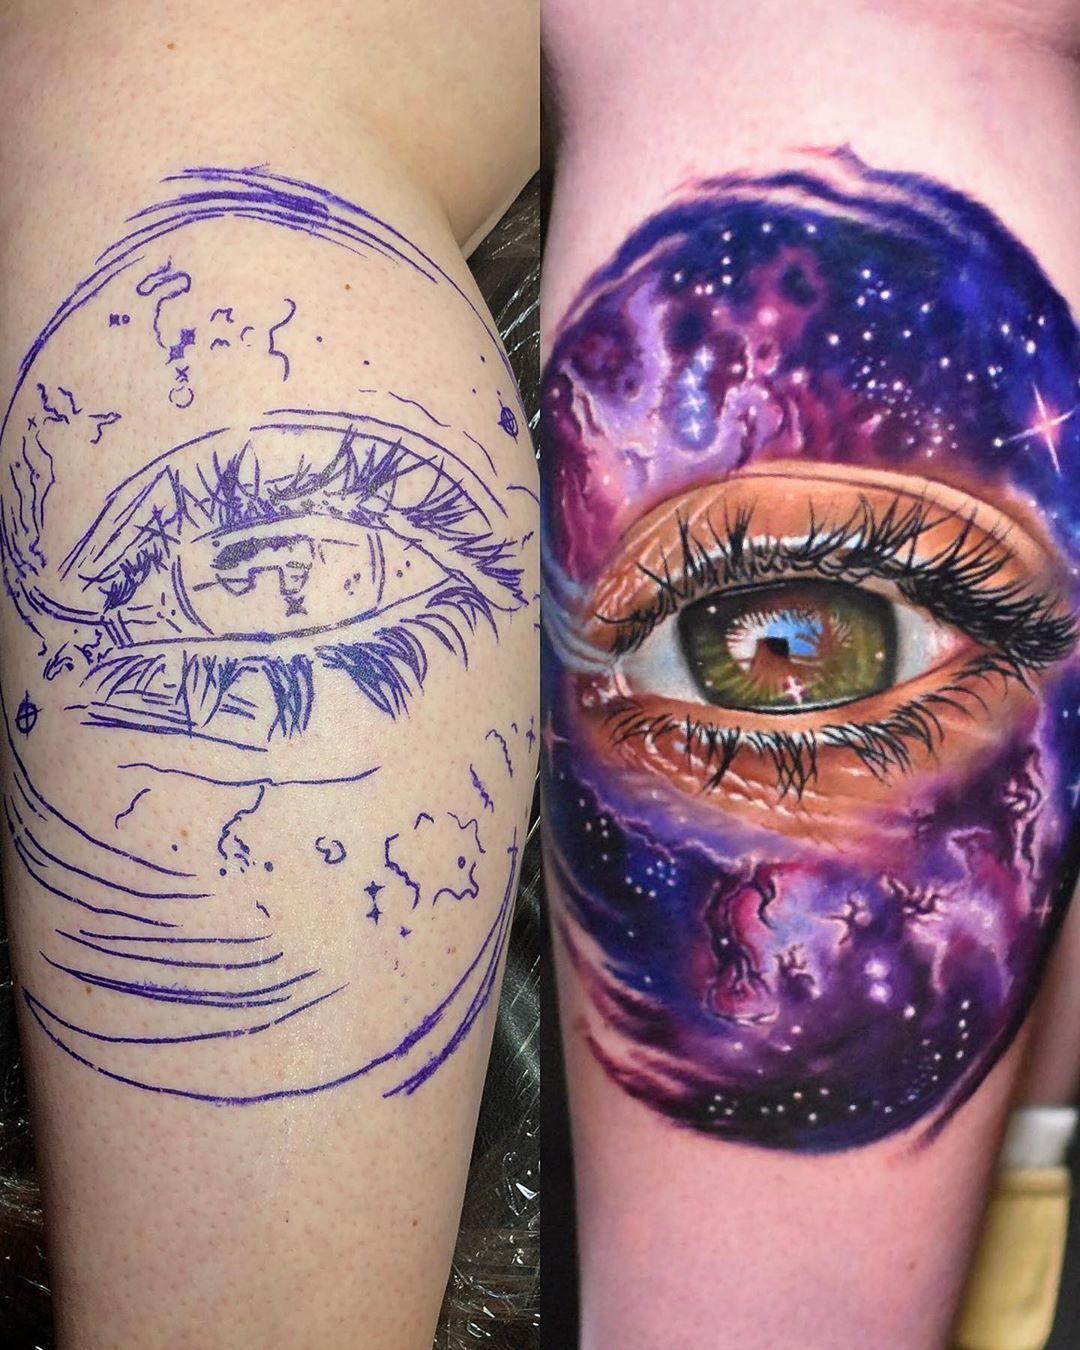 Kirst Pettitt Tattoo Artist In 2020 Tattoo Artists Color Tattoo Tattoos